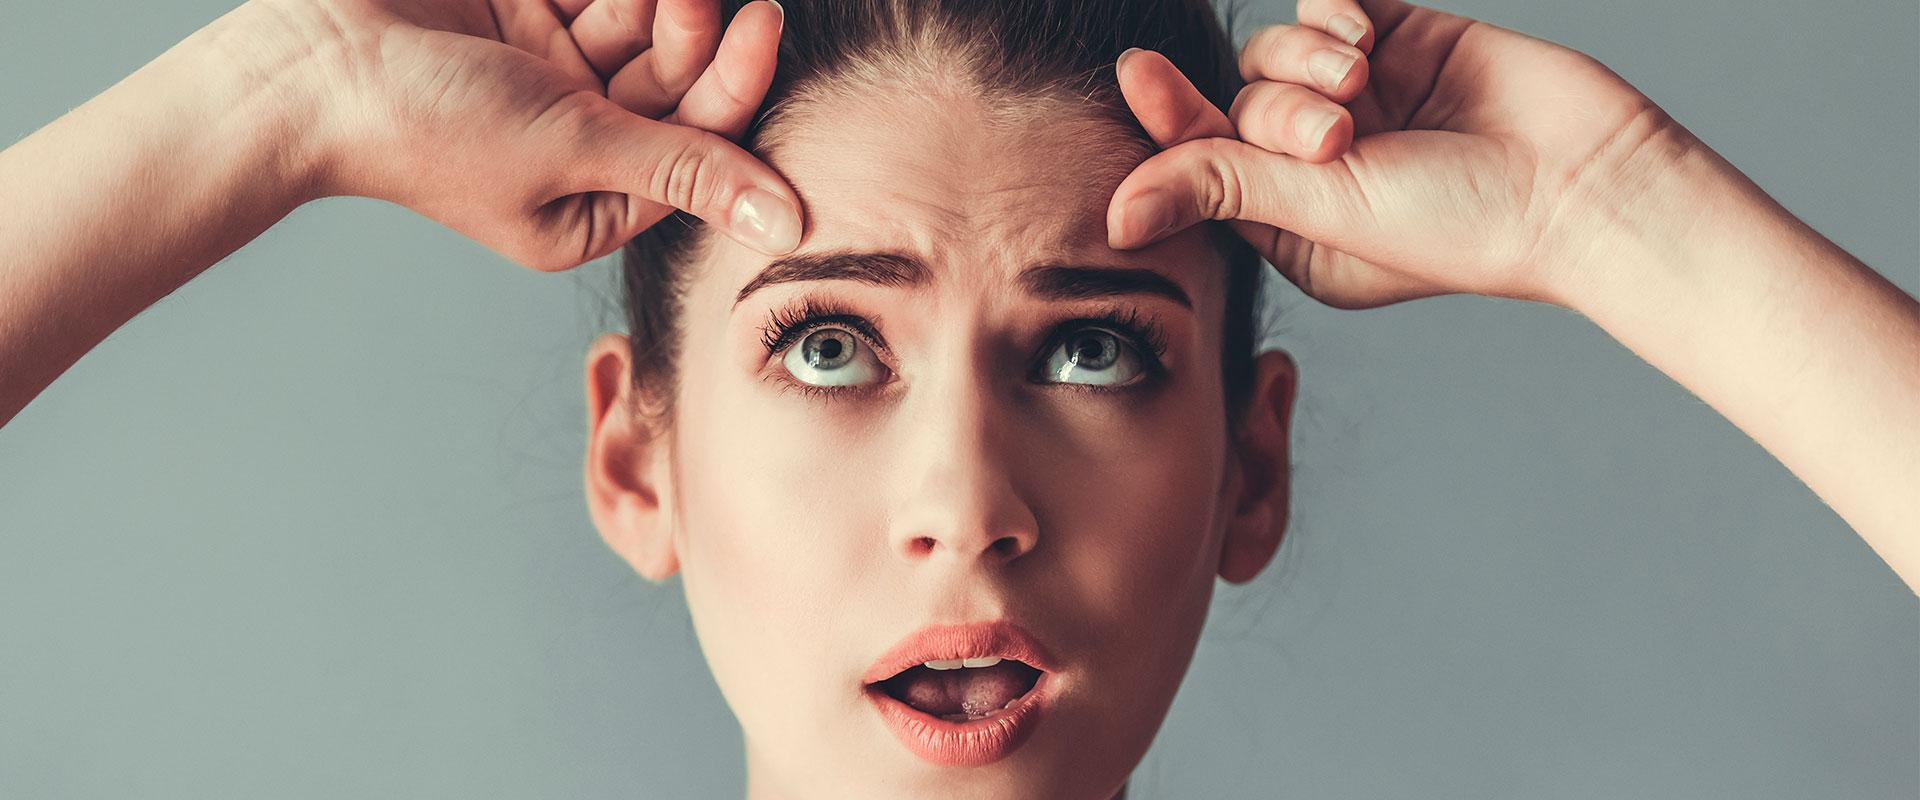 Mujer en sus treintas, estirando la piel de su rostro para evitar las arrugas.